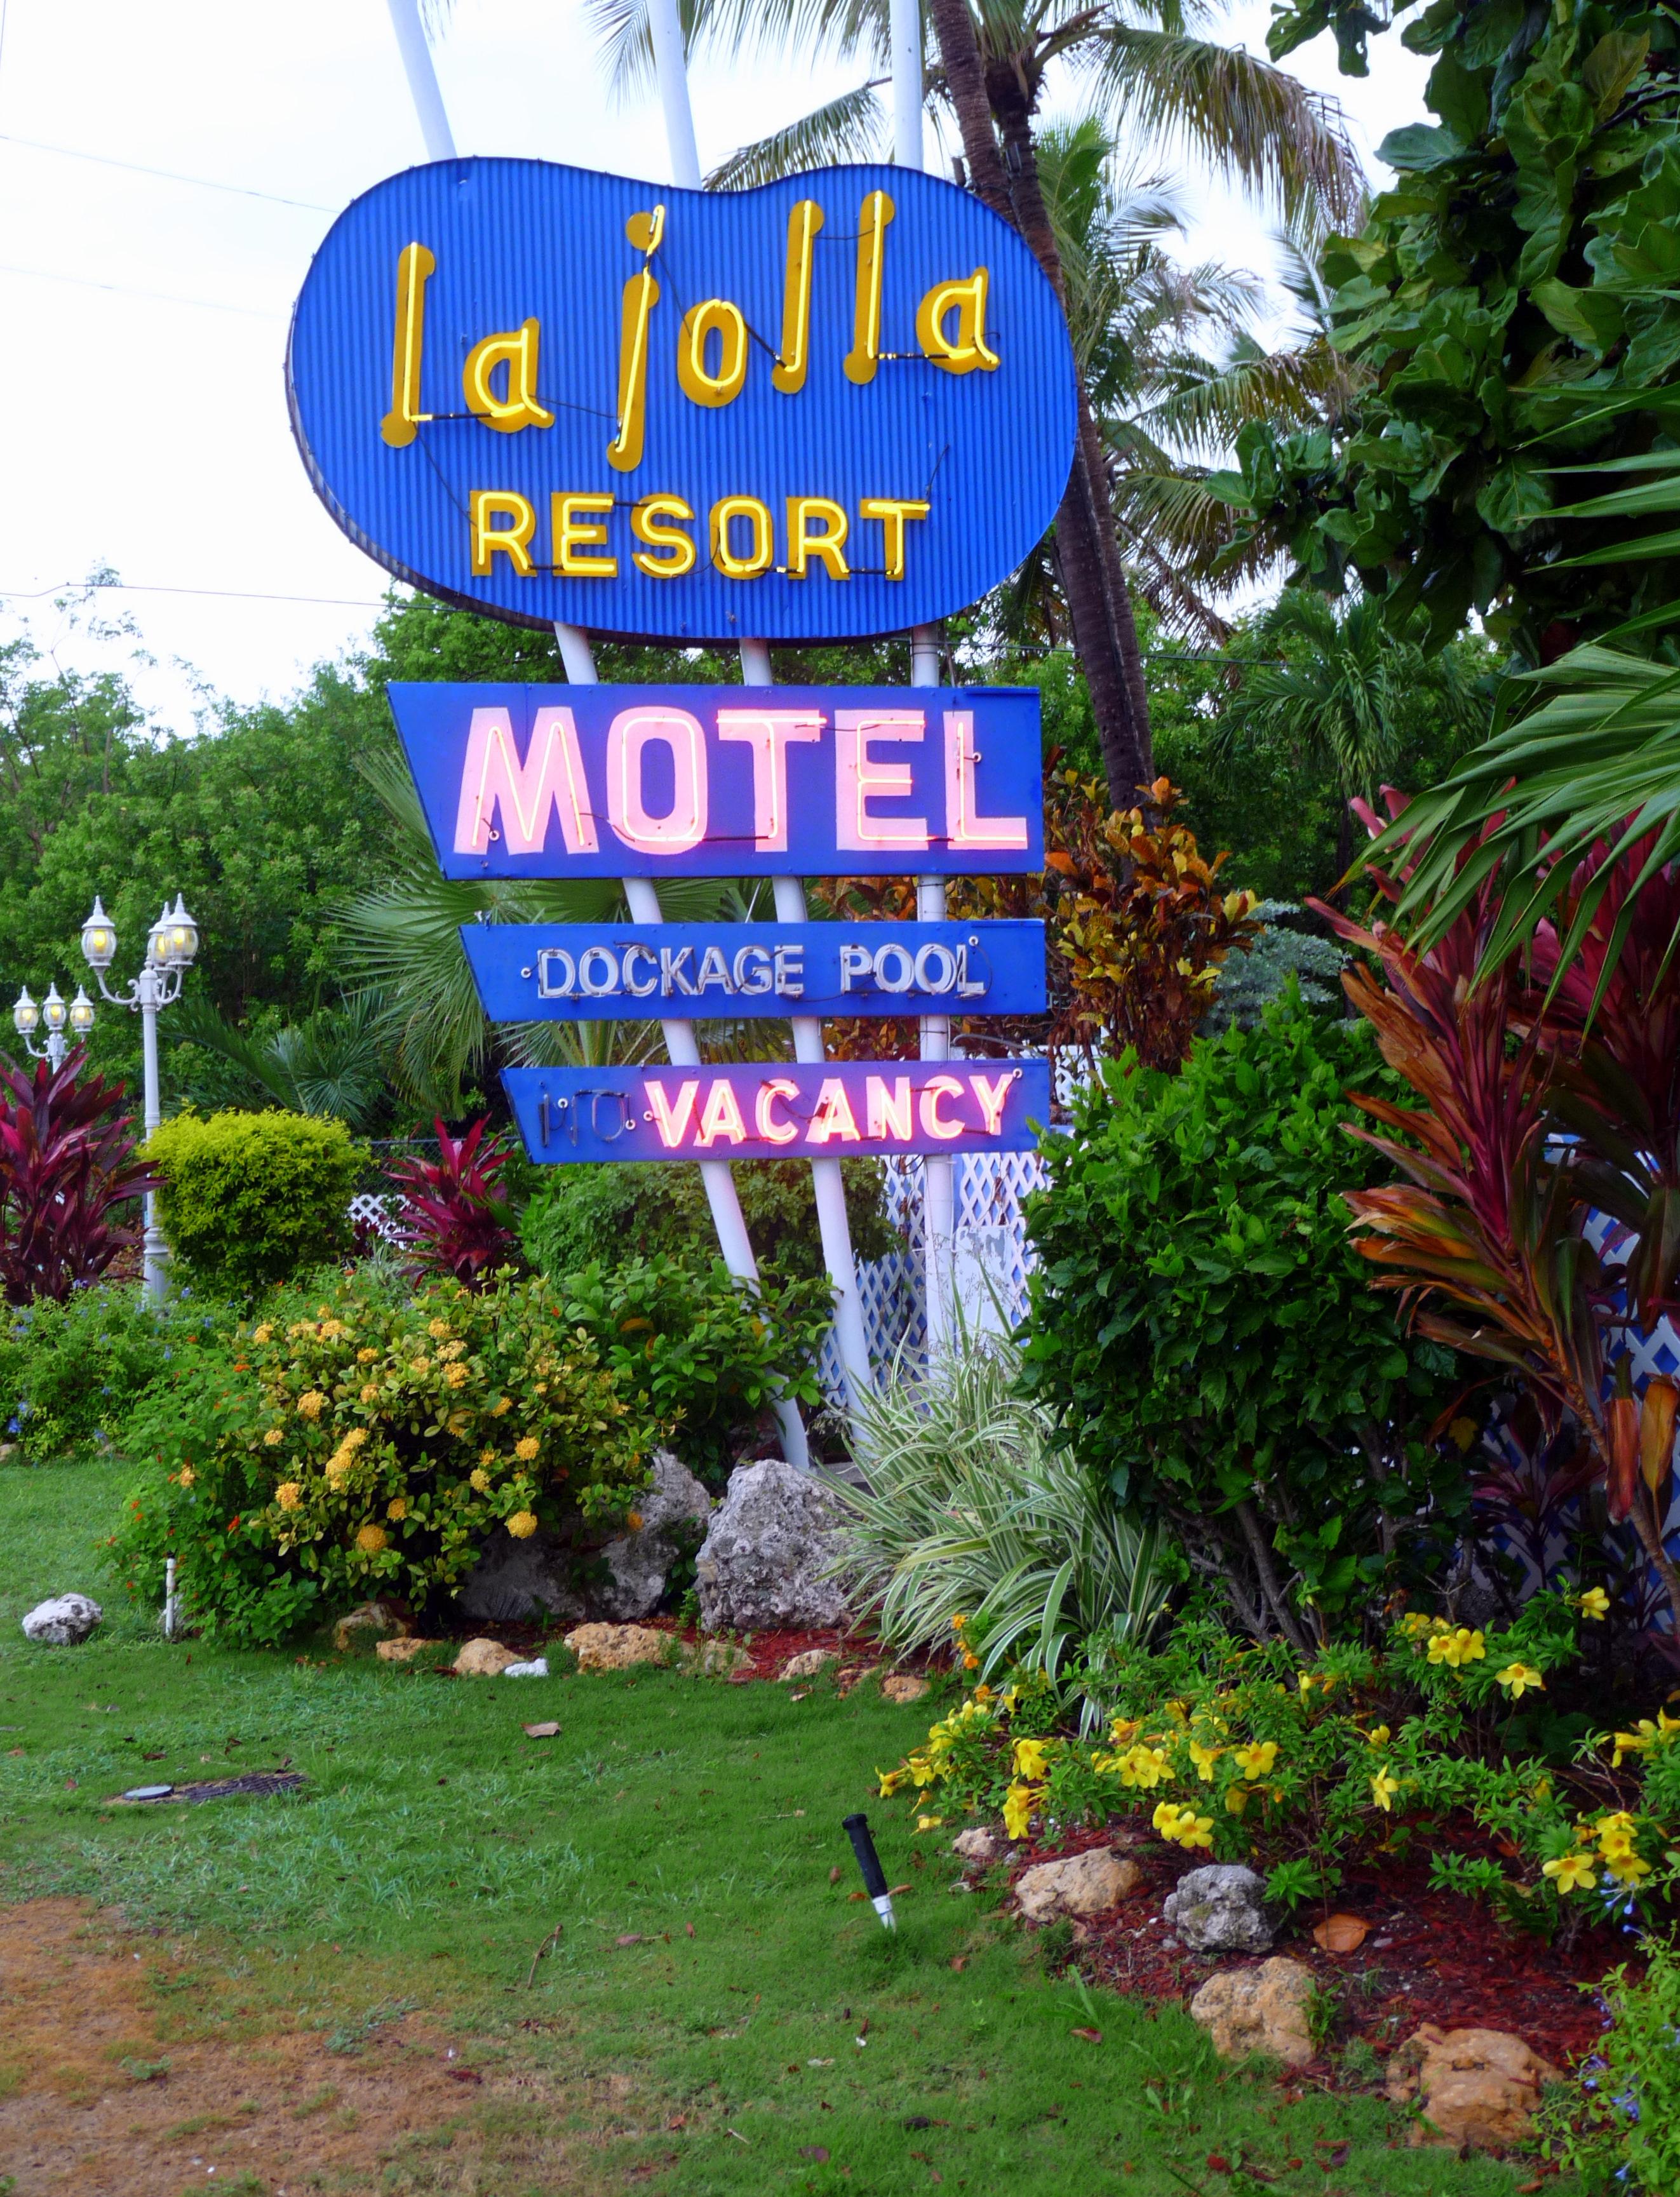 La Jolla Resort - 82216 Overseas Highway, Islamorada, Florida U.S.A. - June 28, 2011